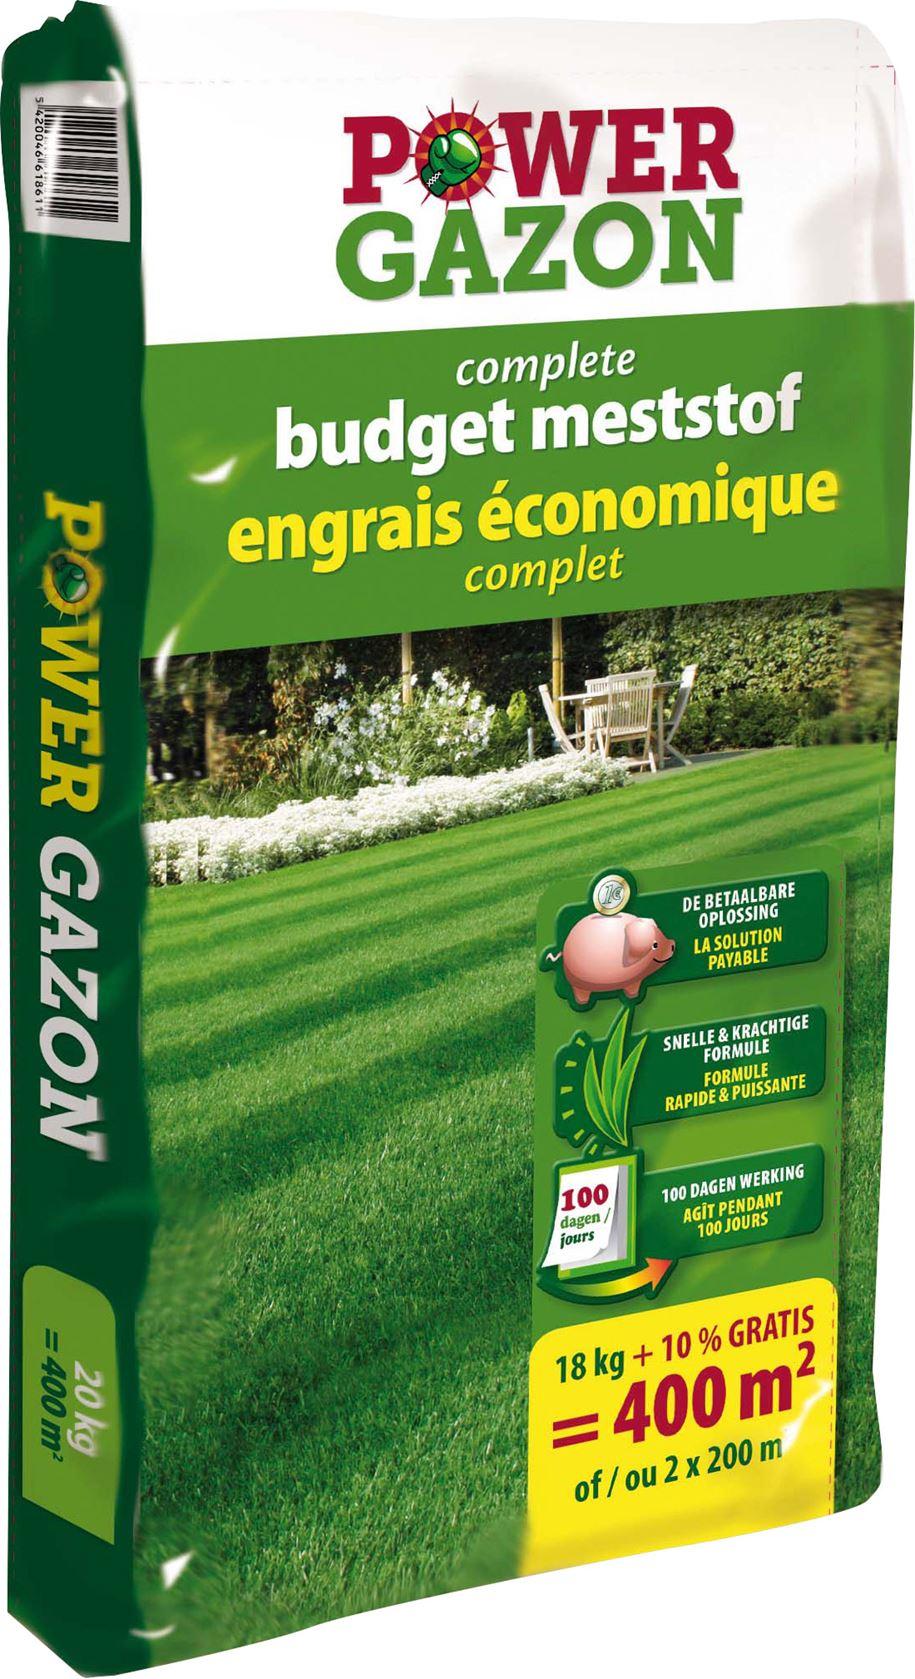 Power gazon 20kg - Complete budget meststof voor 400 m² - NPK 12-6-8- + 3MgO